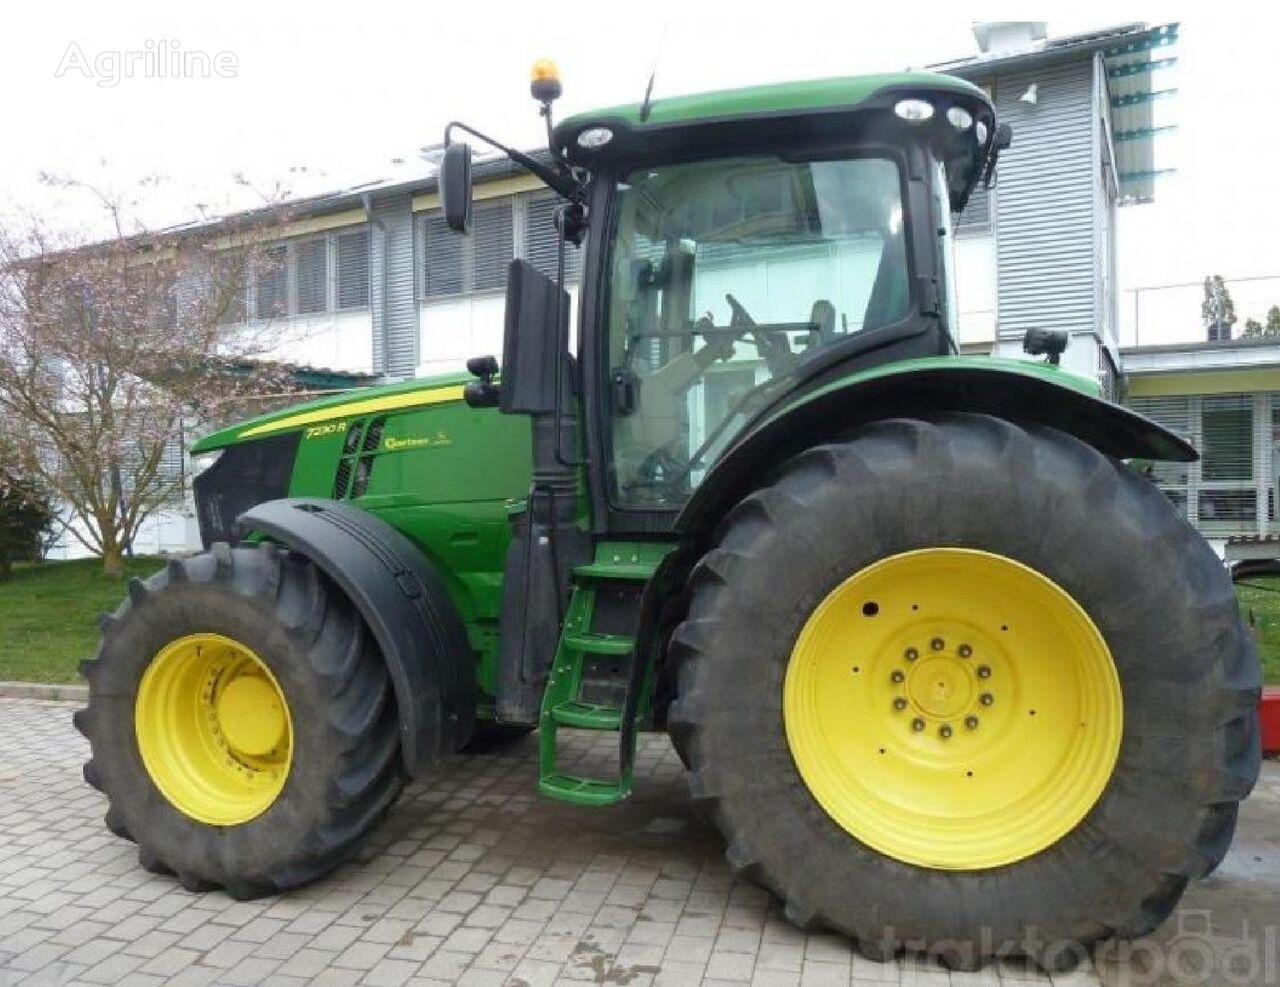 JOHN DEERE 7230R wheel tractor